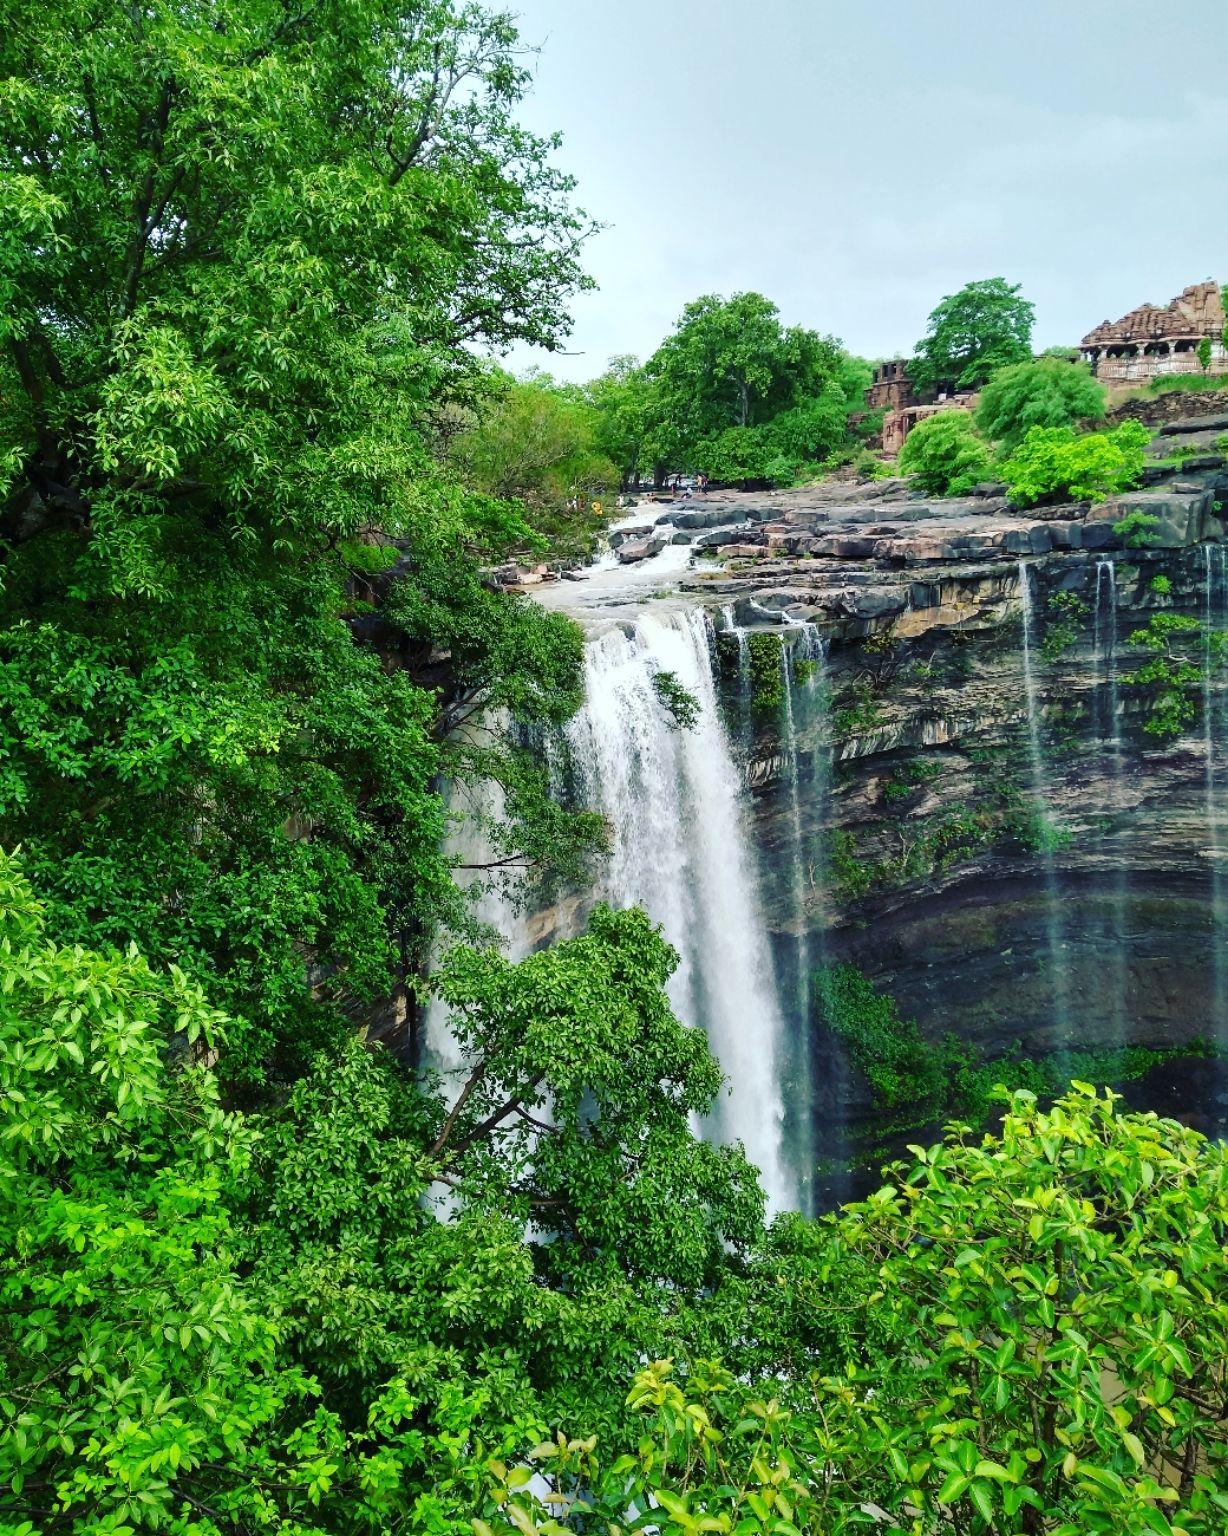 Photo of Menal Water Fall By Nikhil Vaidya